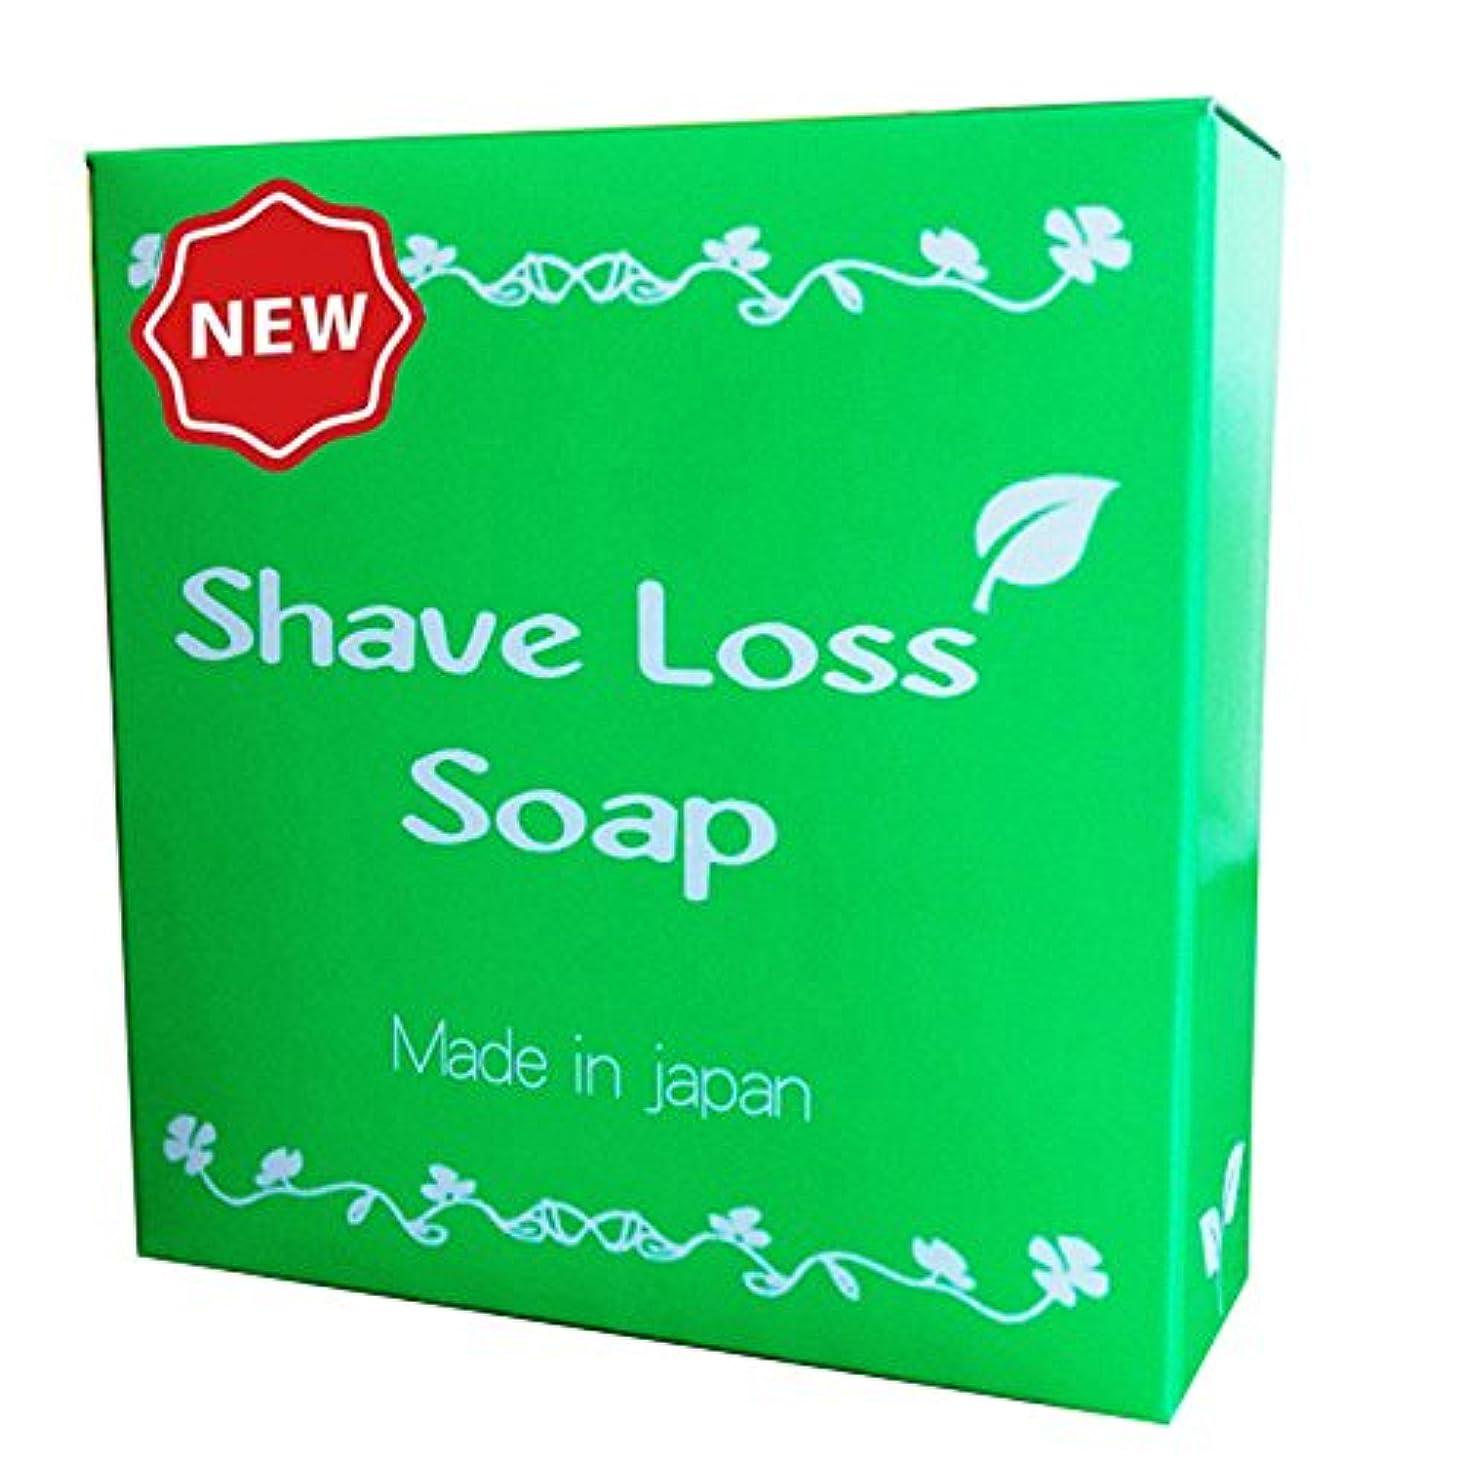 うぬぼれた健康的カスケード【NEW】Shave Loss Soap 女性の願いを叶える 石鹸 80g 「ダイズ種子エキス」 「ラレアディバリカタエキス」大幅増量タイプ